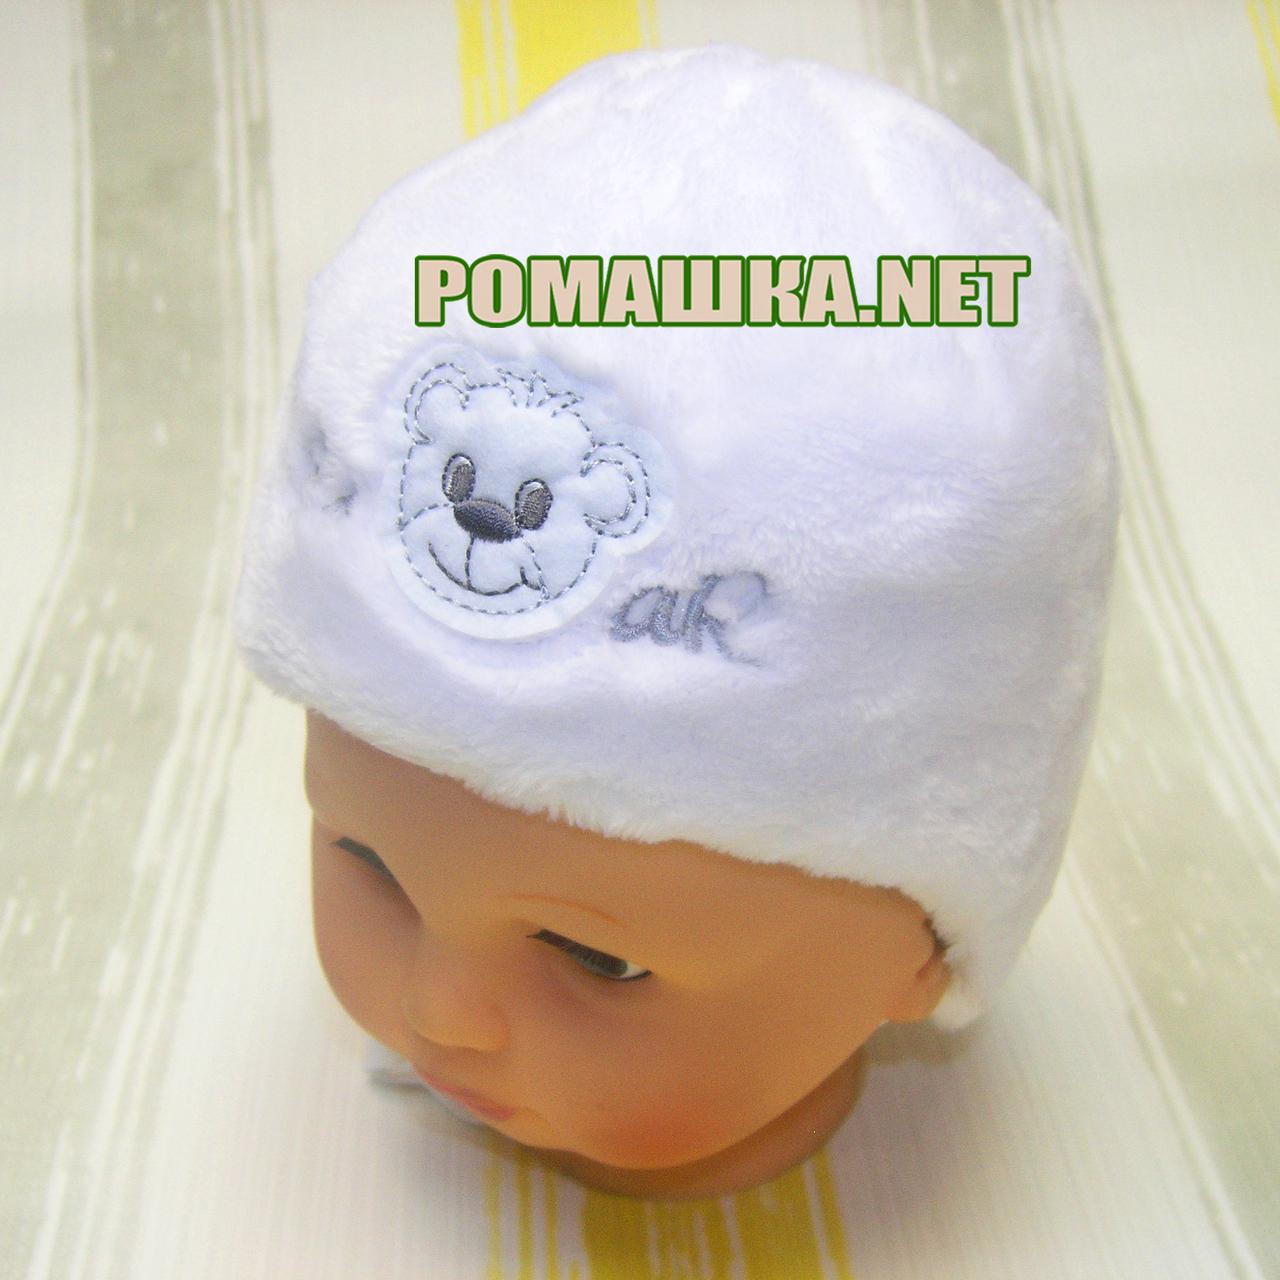 Детская зимняя термо шапочка на завязках р. 38 для новорожденного ТМ Мамина  мода 3240 Белый 0719cf55ca3e0